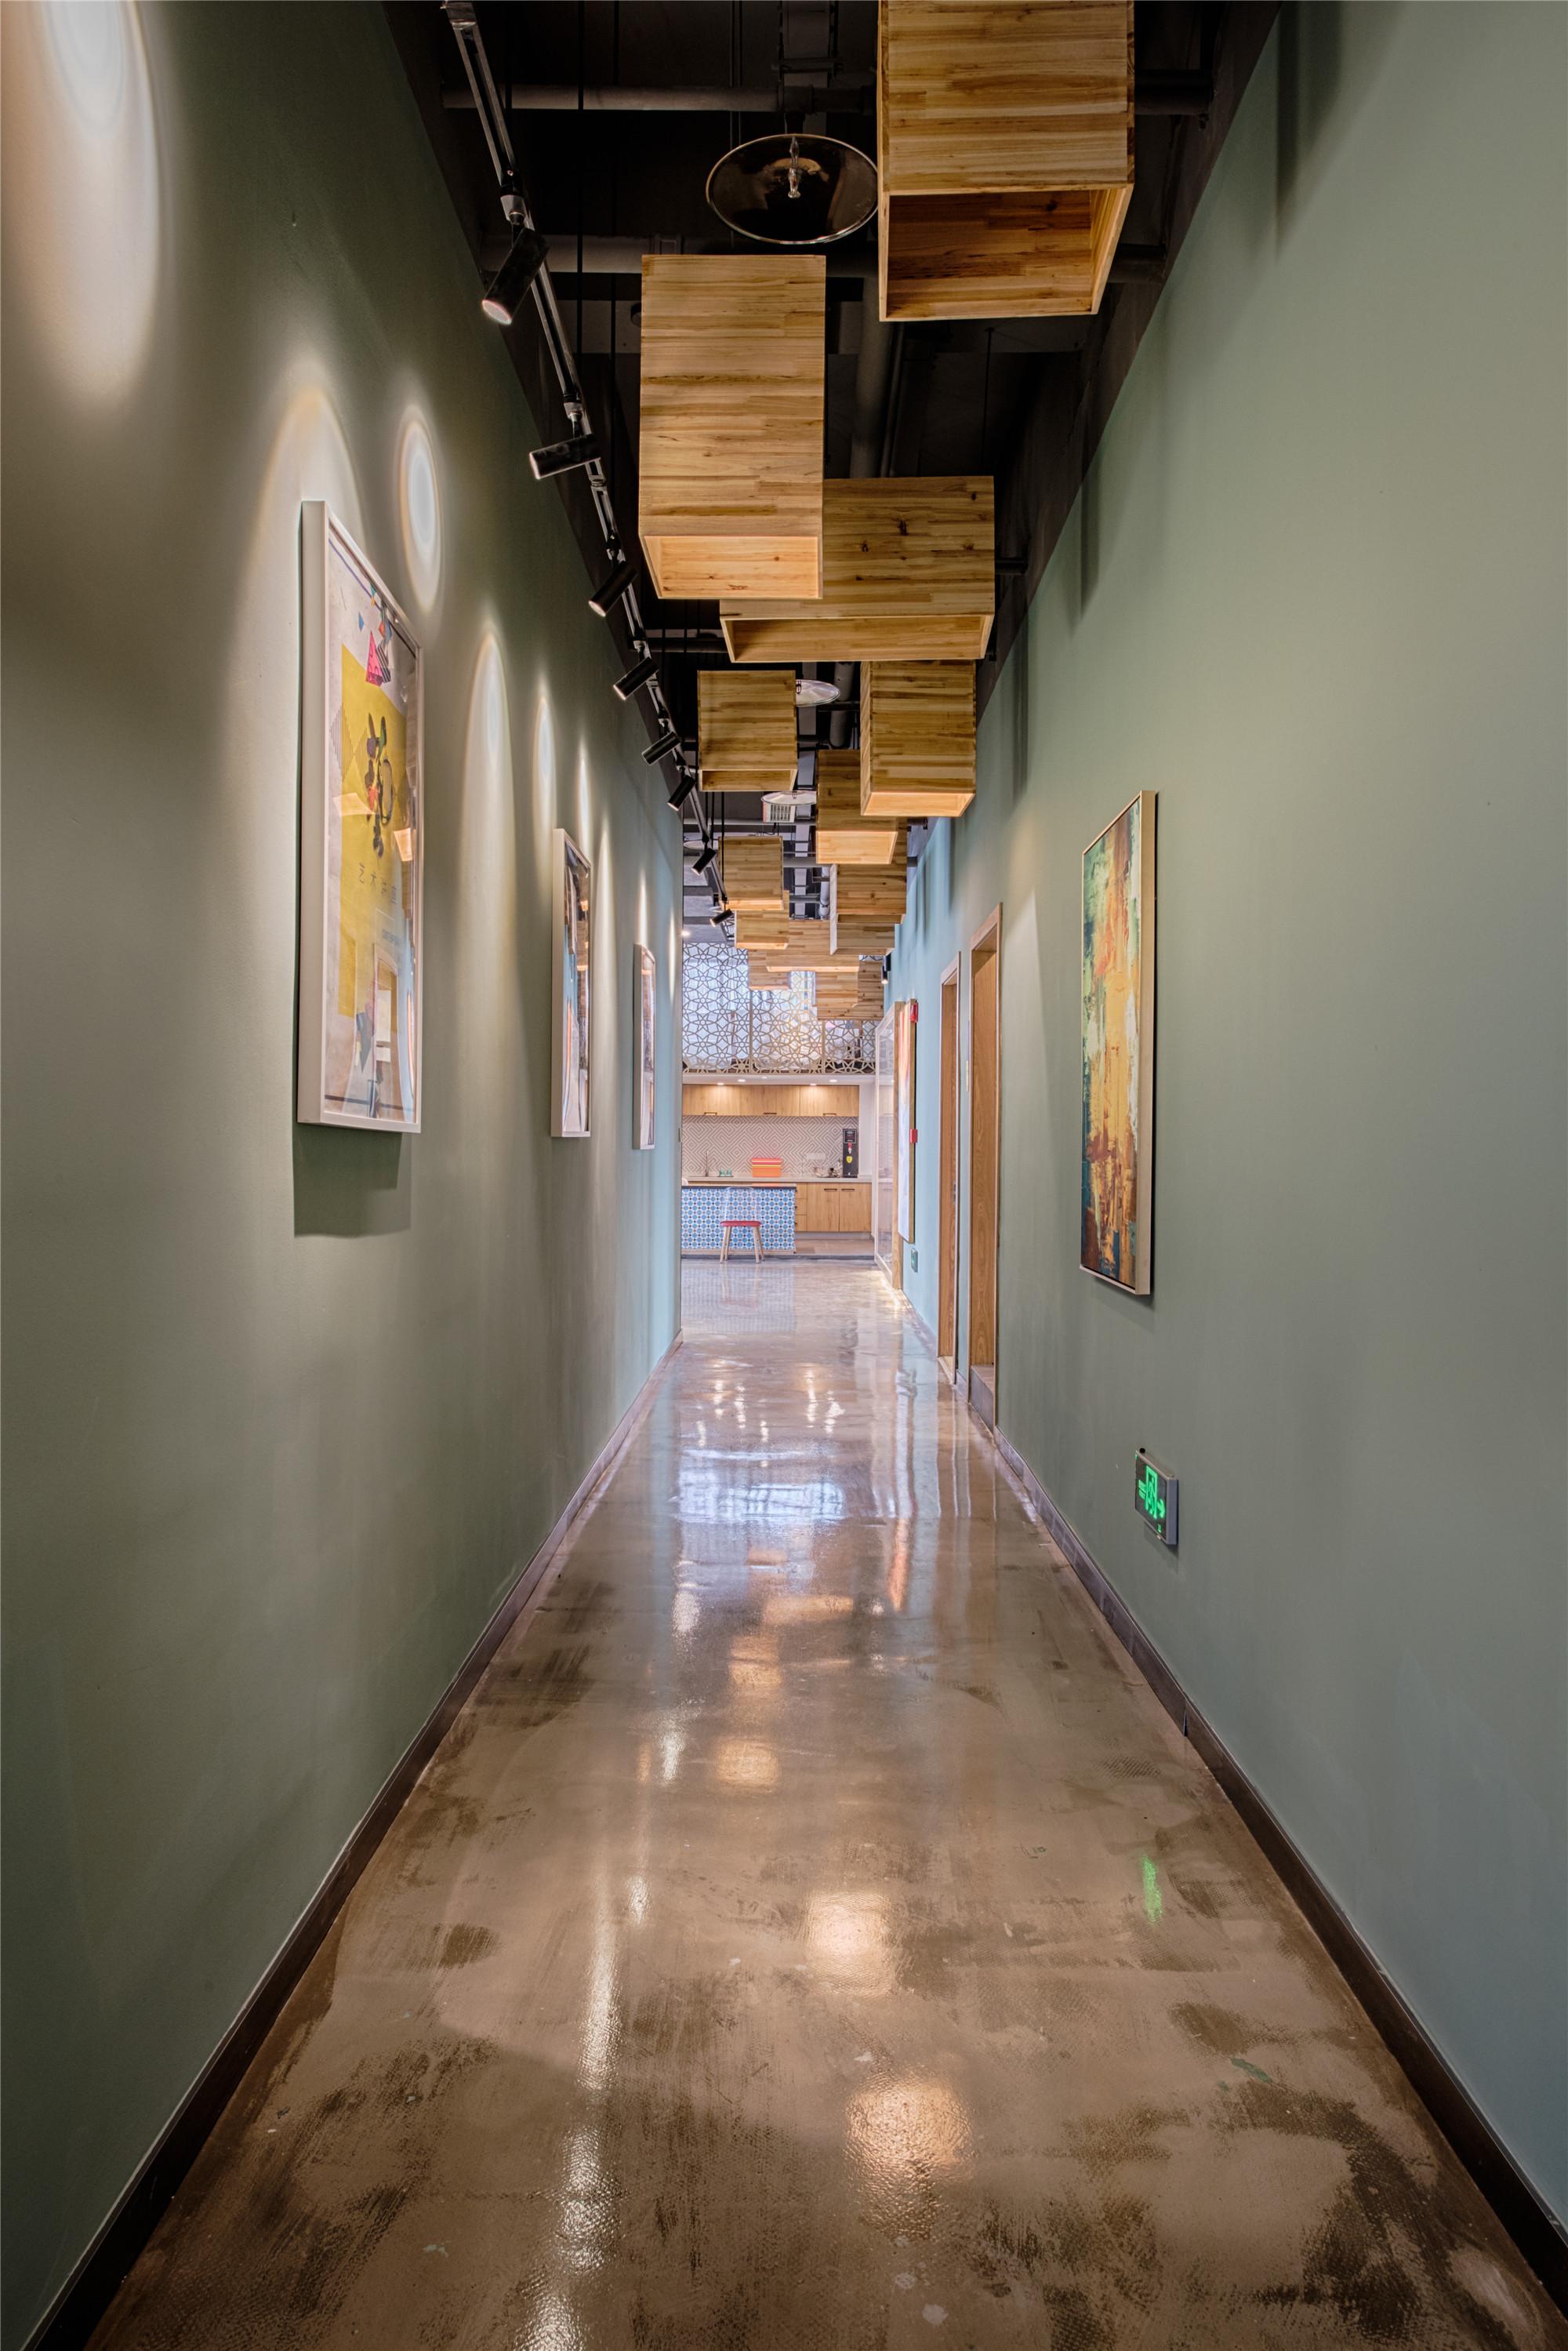 艺术 培训 苜梵 设计图片来自苜梵设计在美兮艺术中心的分享